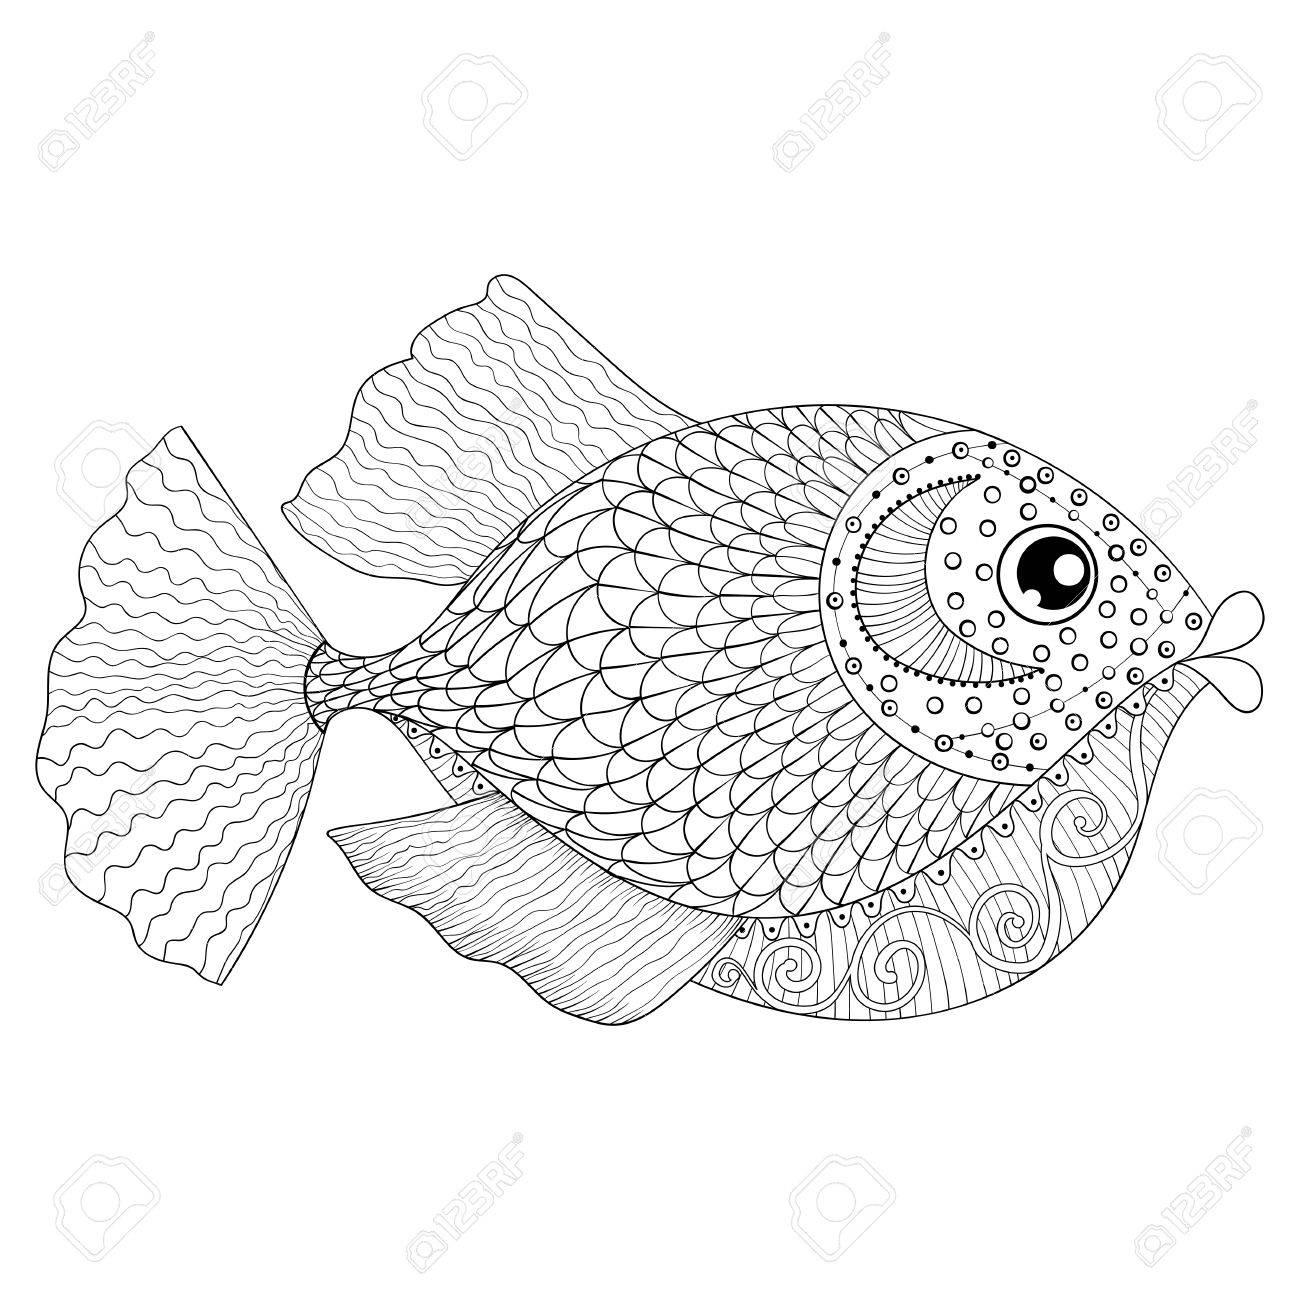 Hand Gezeichnet Fisch Für Erwachsene Anti-Stress-Malvorlagen ...